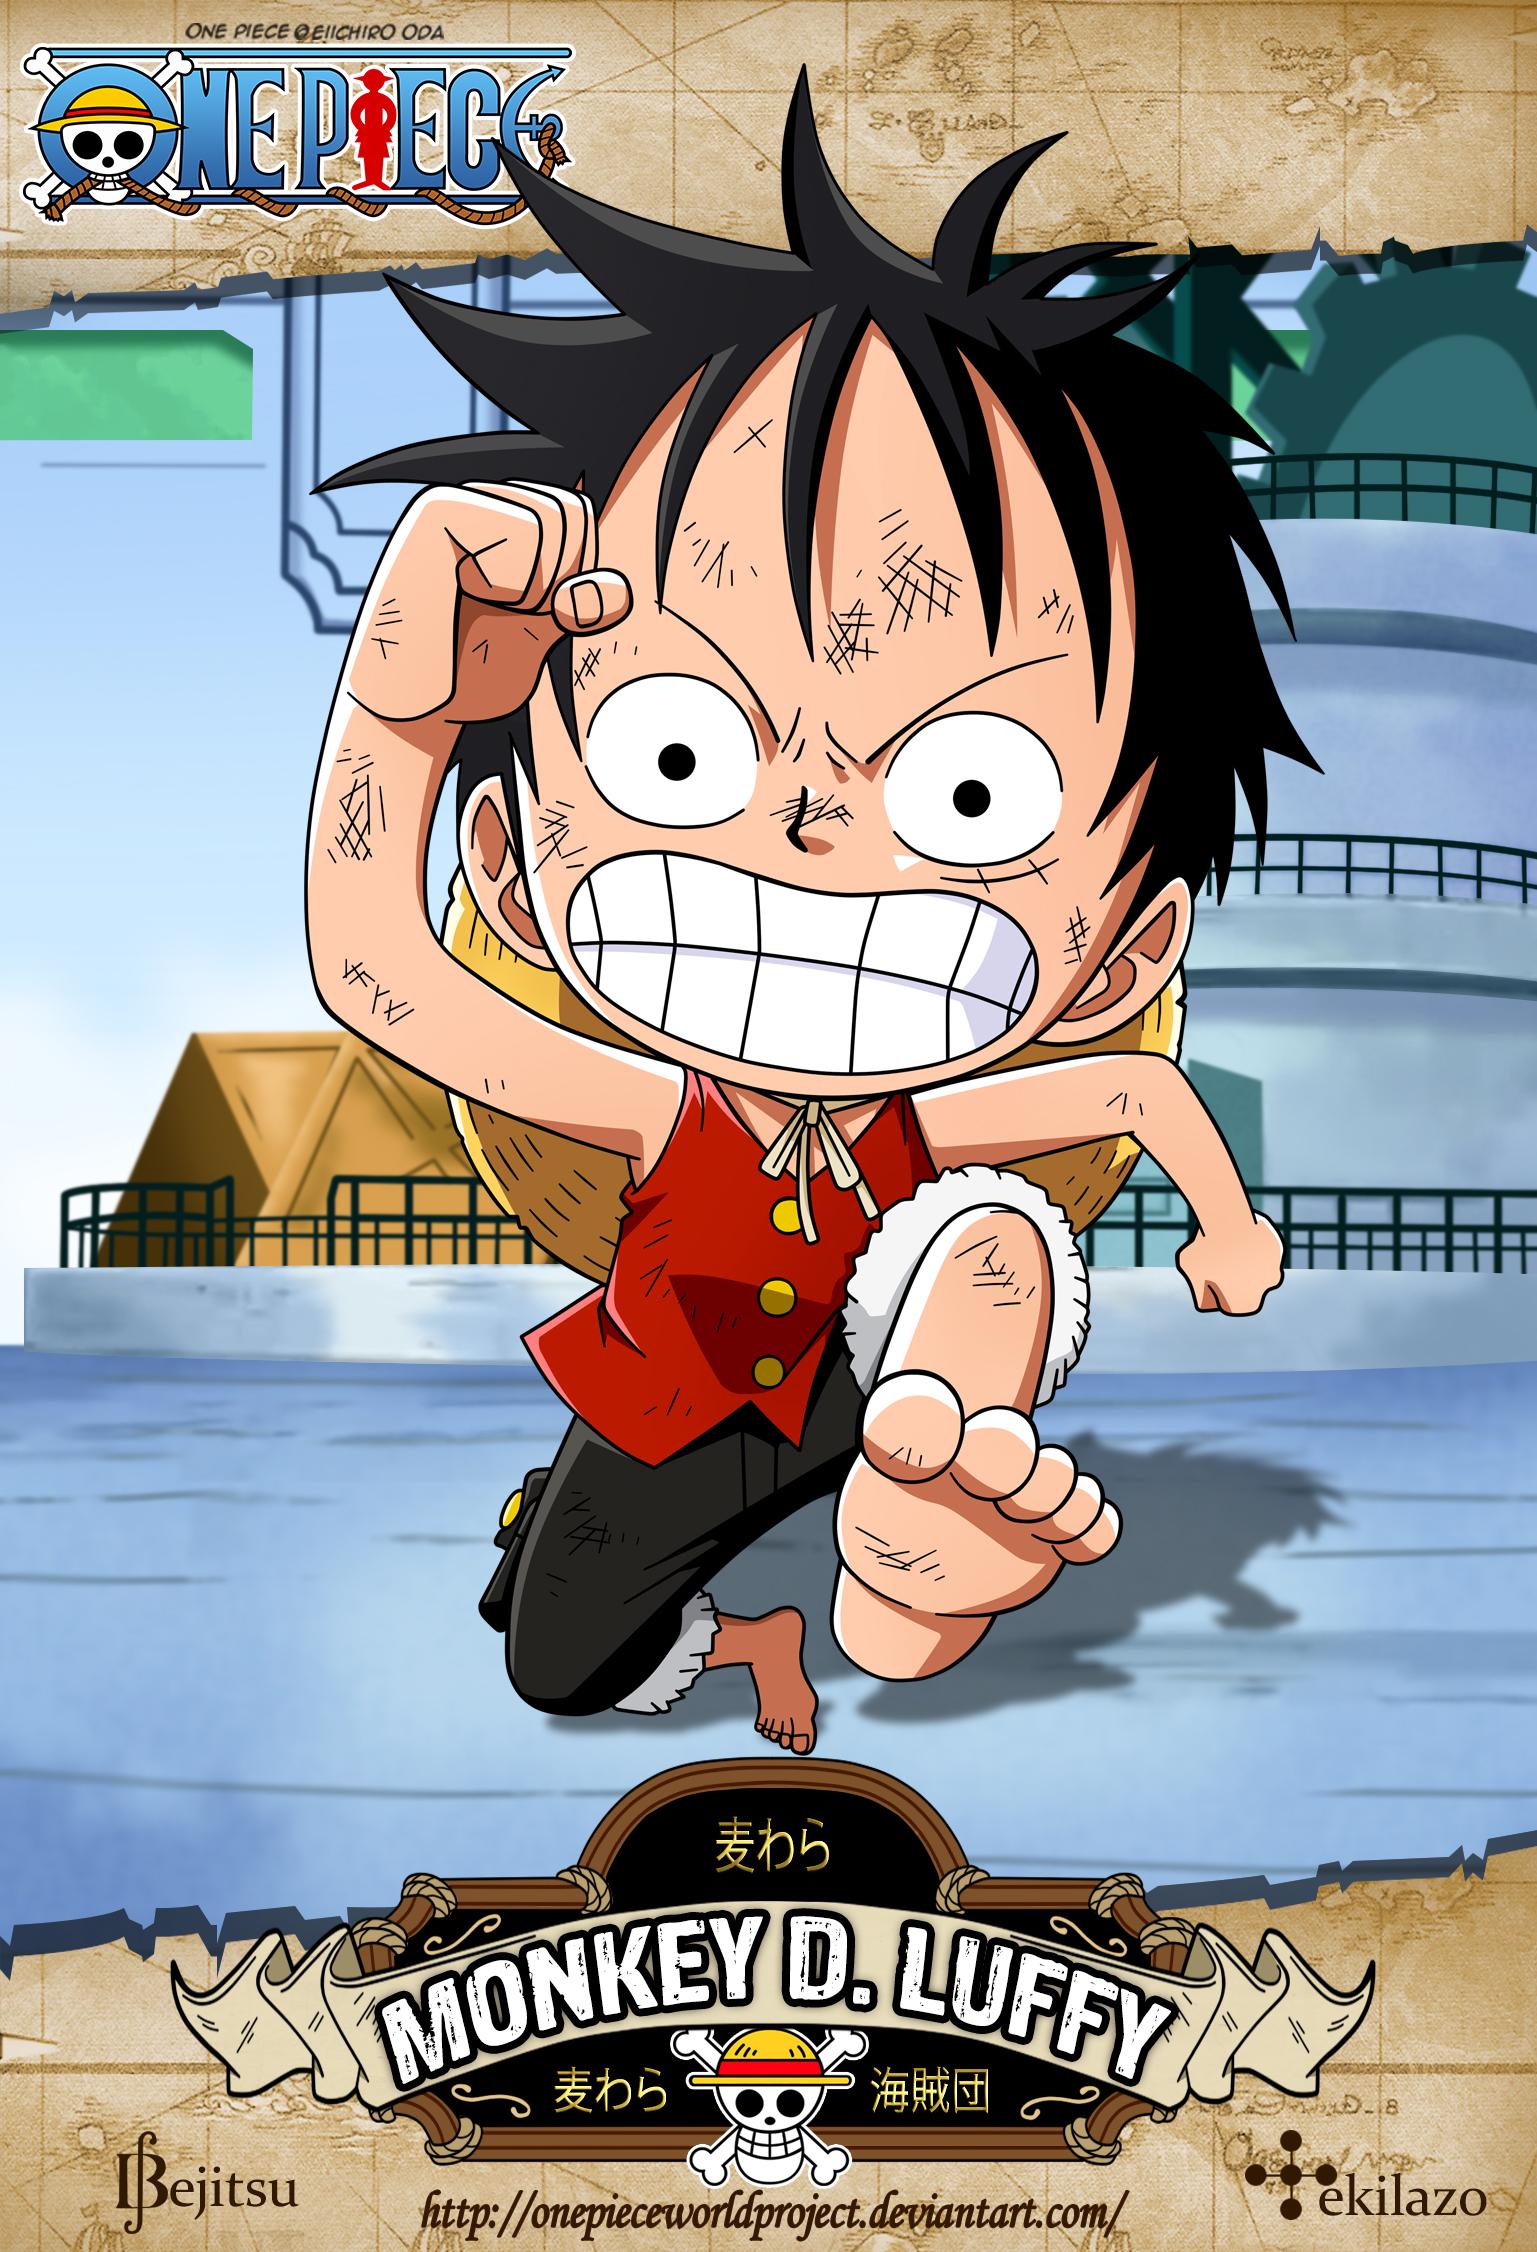 monkey d. luffy - one piece - image #2146220 - zerochan anime